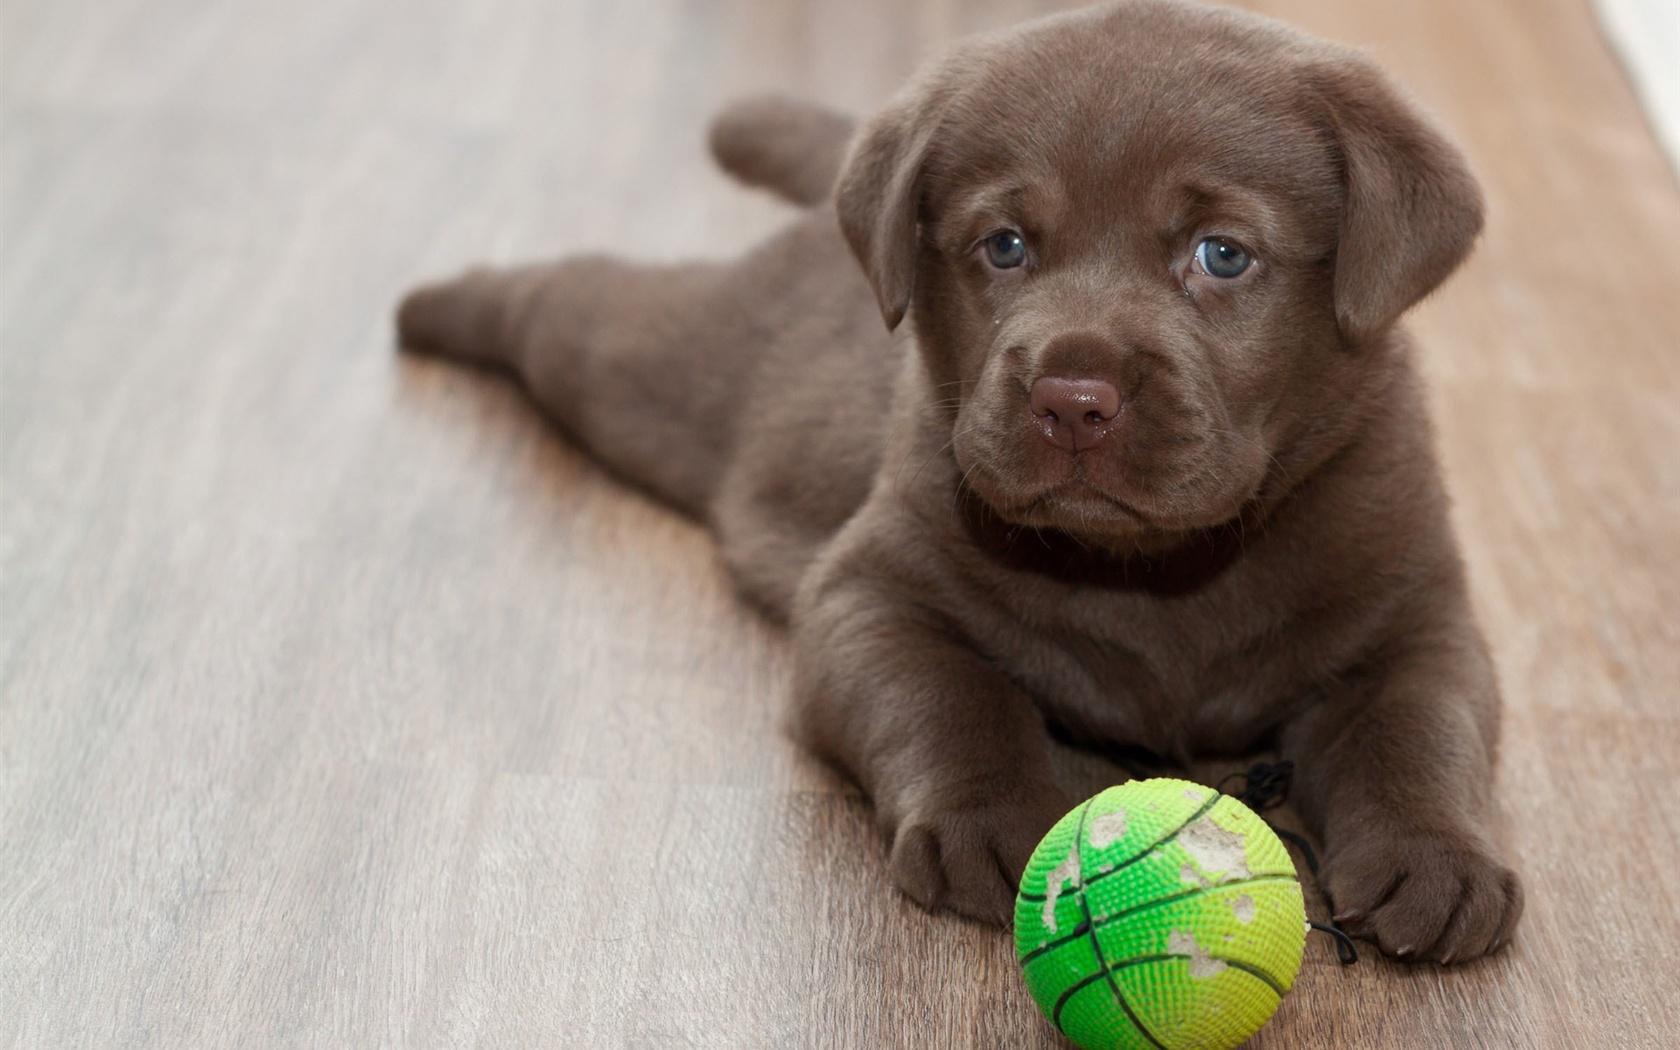 ラブラドール子犬、ボールをプレー 壁紙 - 1680x1050   ラブラドール子犬、ボールをプ